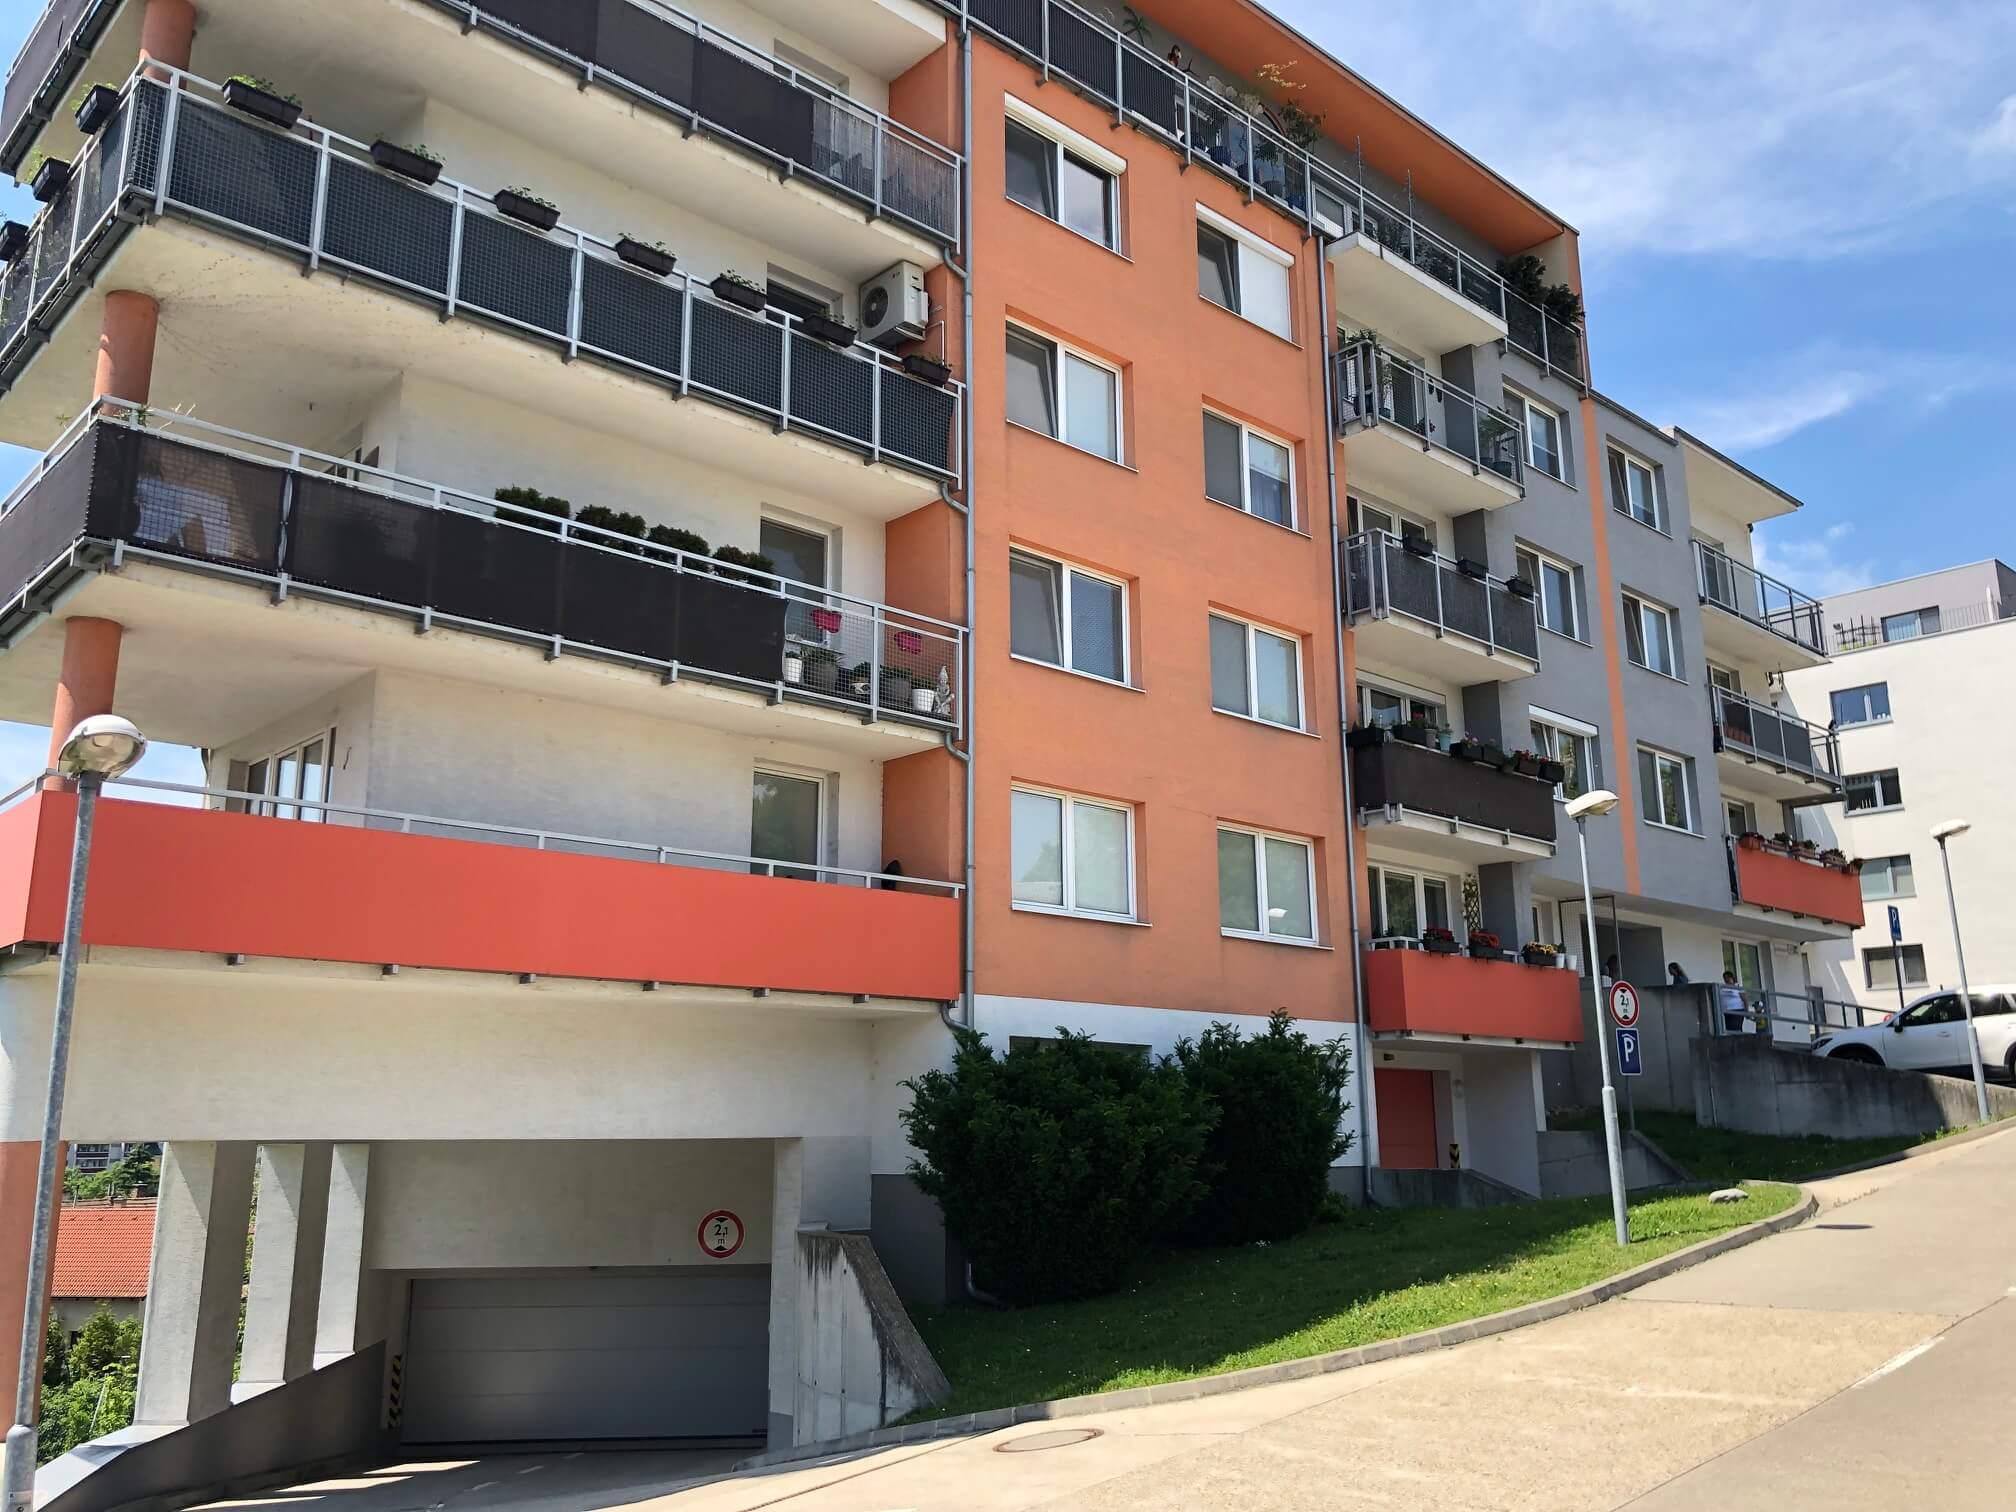 Predané: 3 izbový byt, novostavba, 72,25m2, loggia 4,82m2, Staré Grunty, Karlovka, garážové státie-64